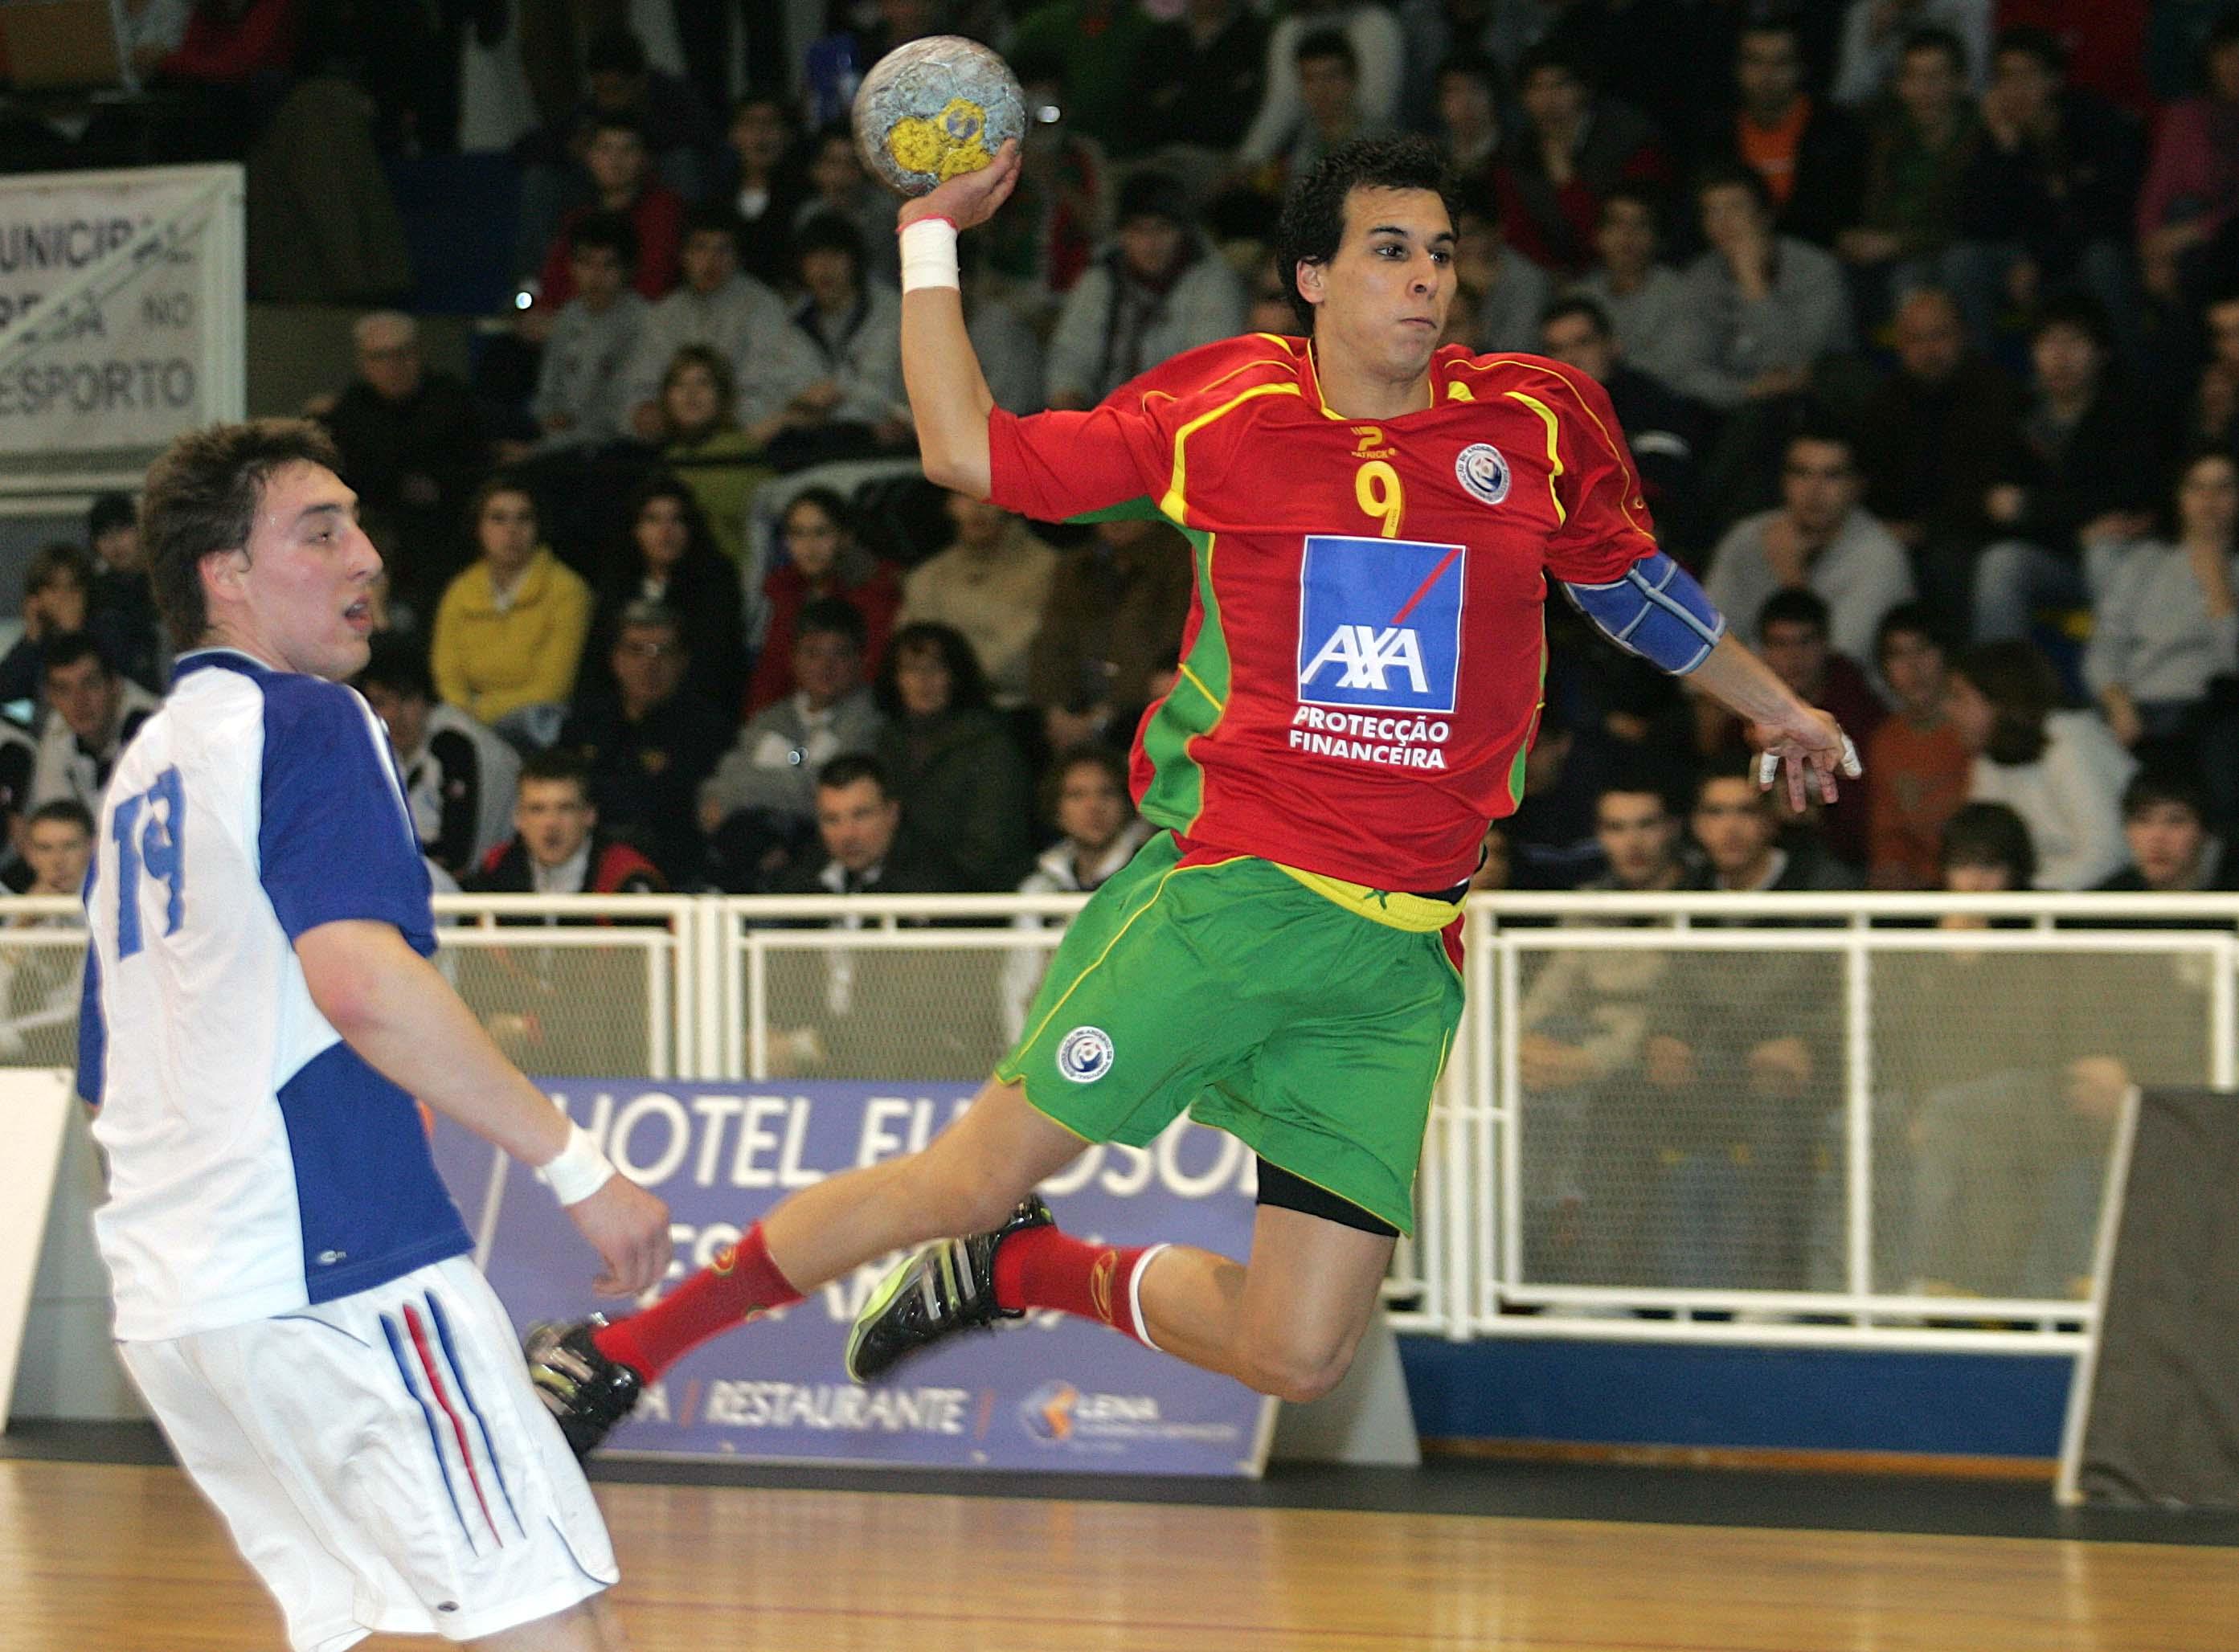 Torneio 4 Nações - França : Portugal 2